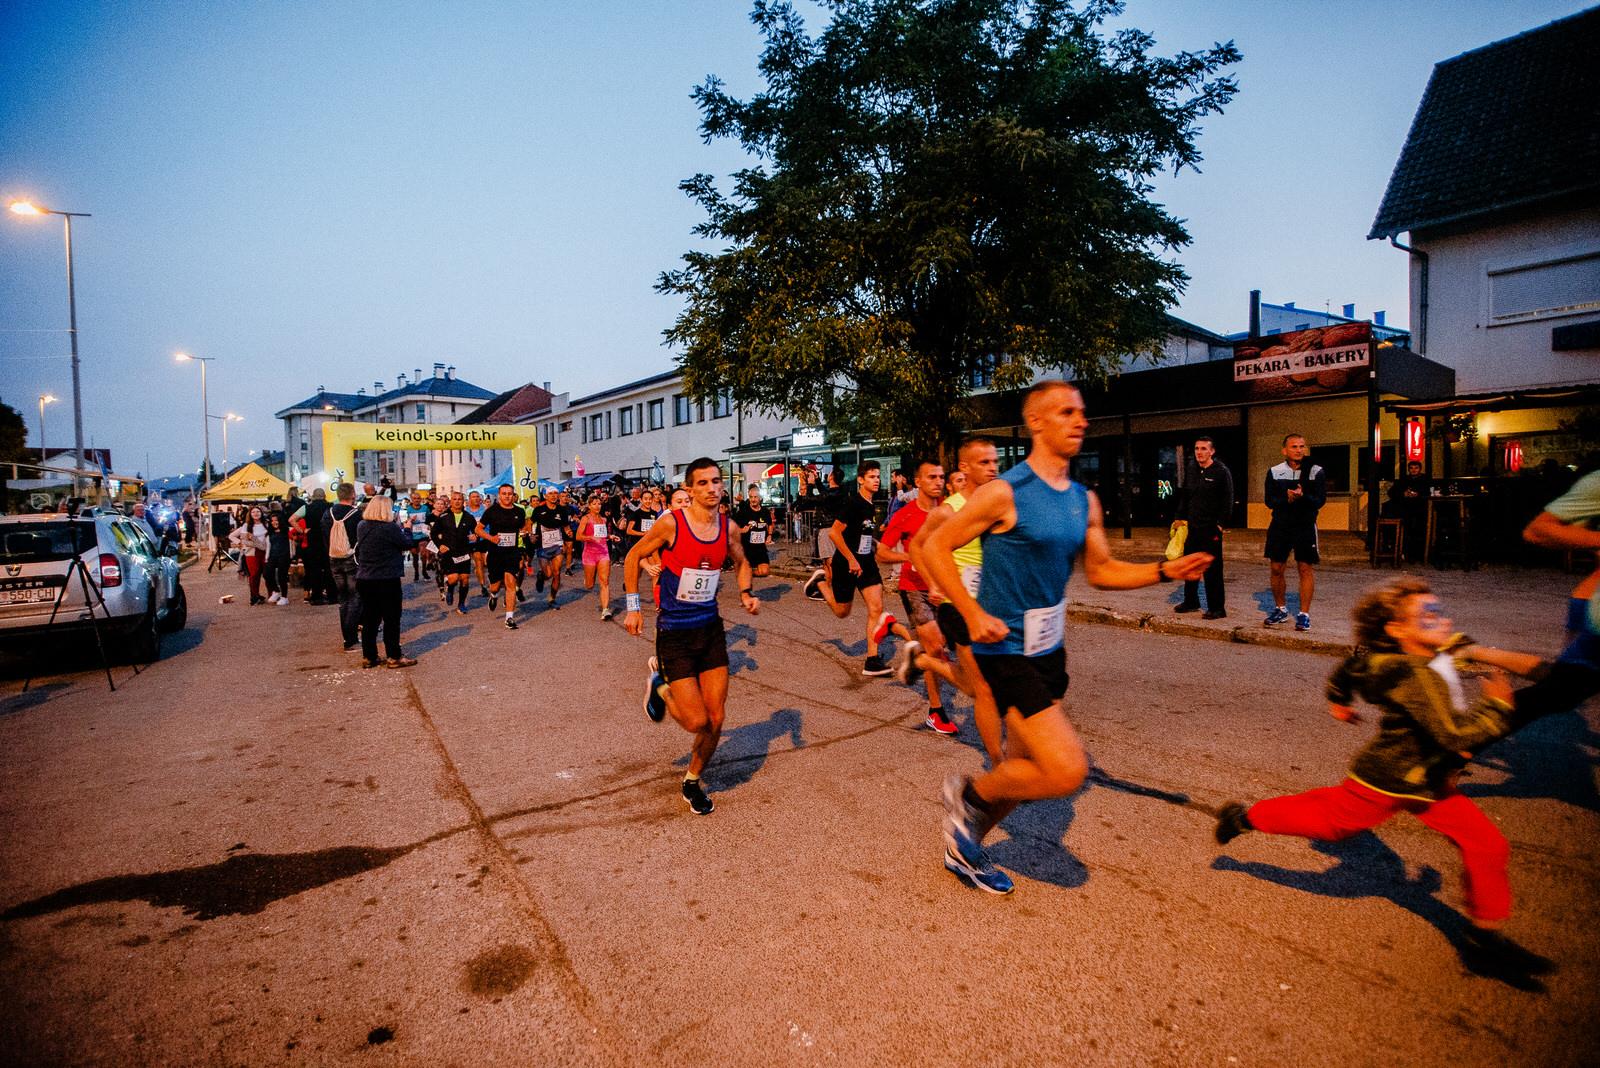 likaclub_korenica_noćna-utrka-2019-26